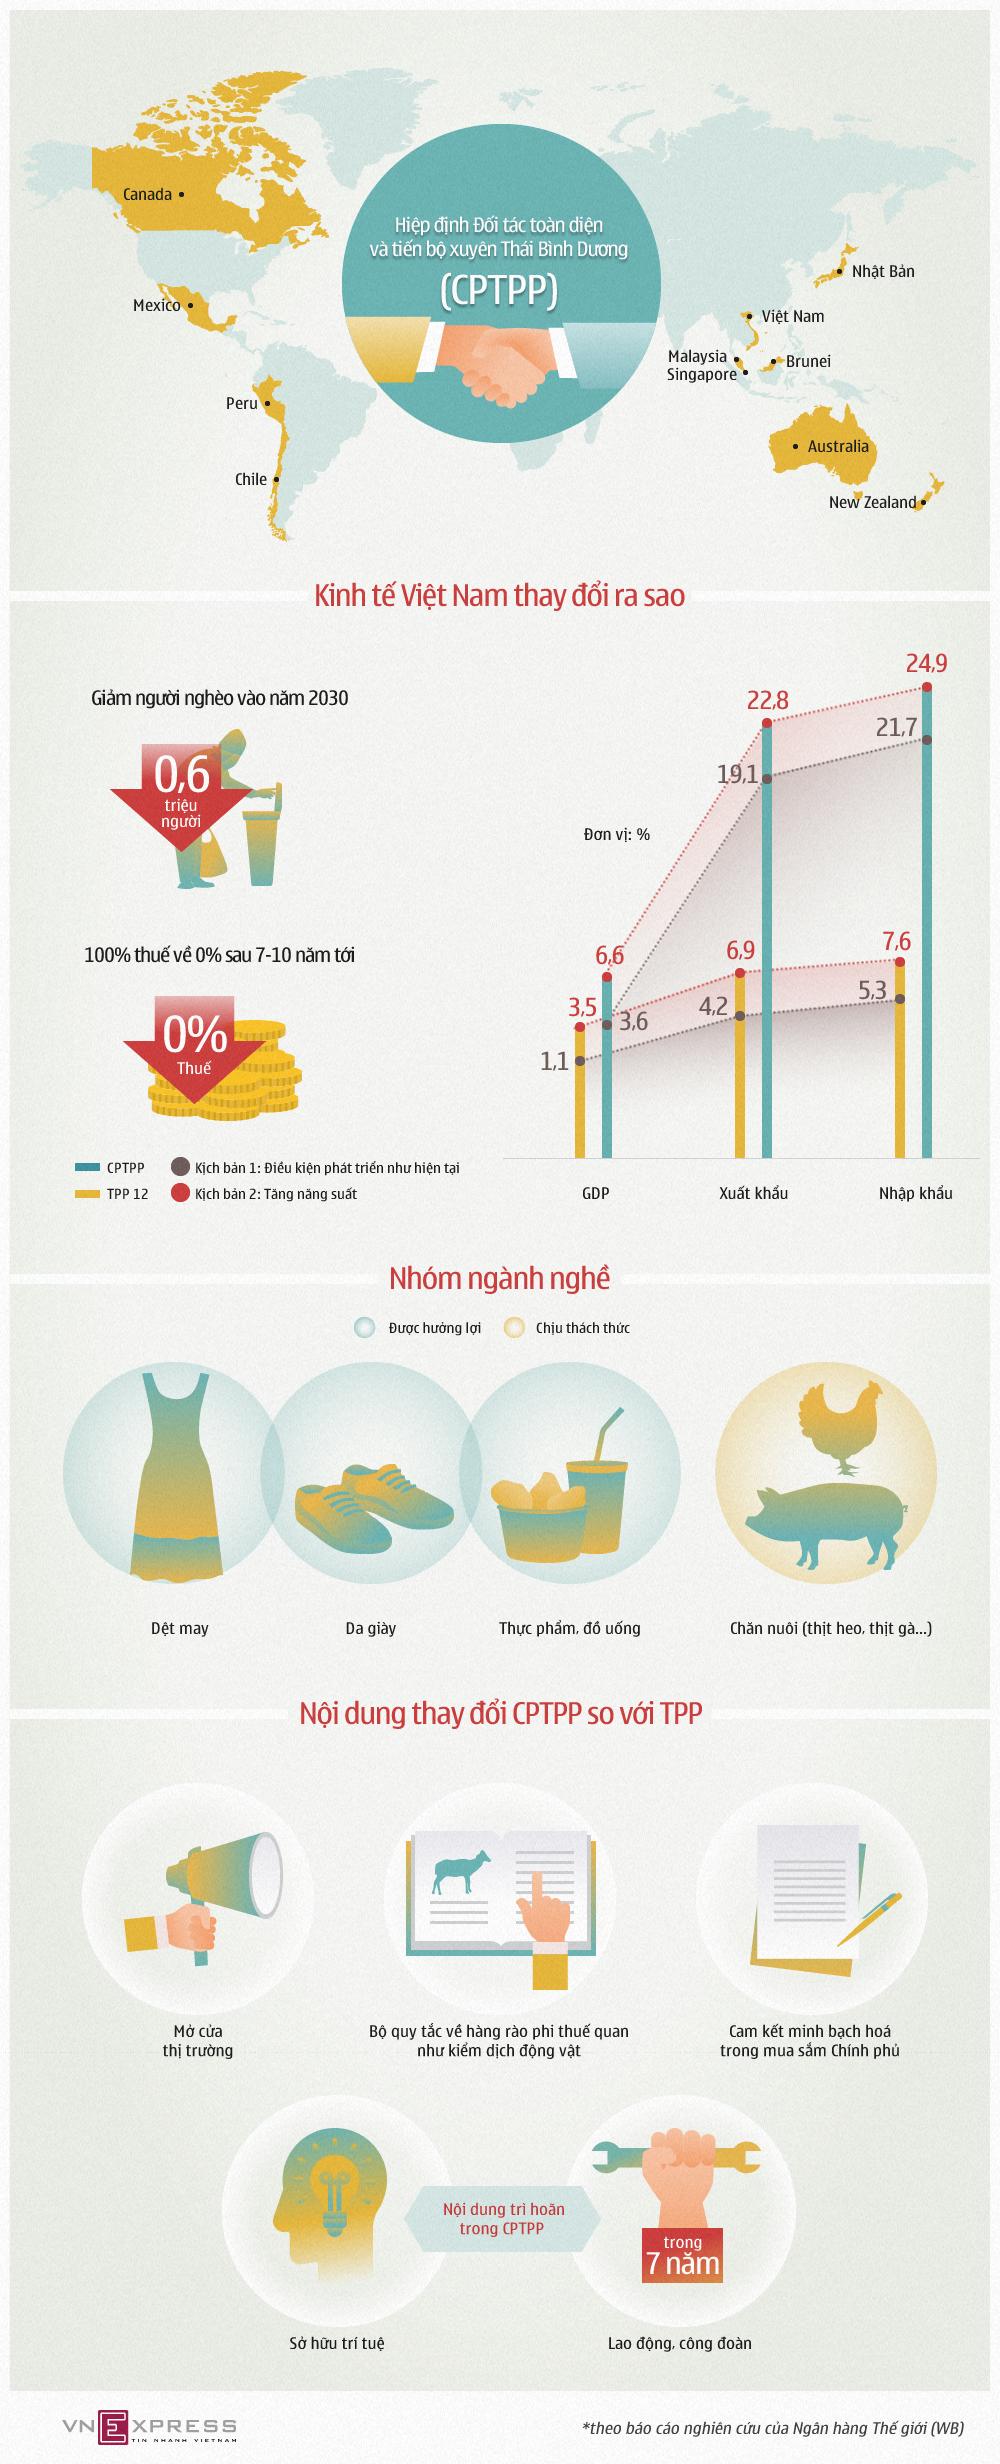 Kinh tế Việt Nam ra sao thời hậu